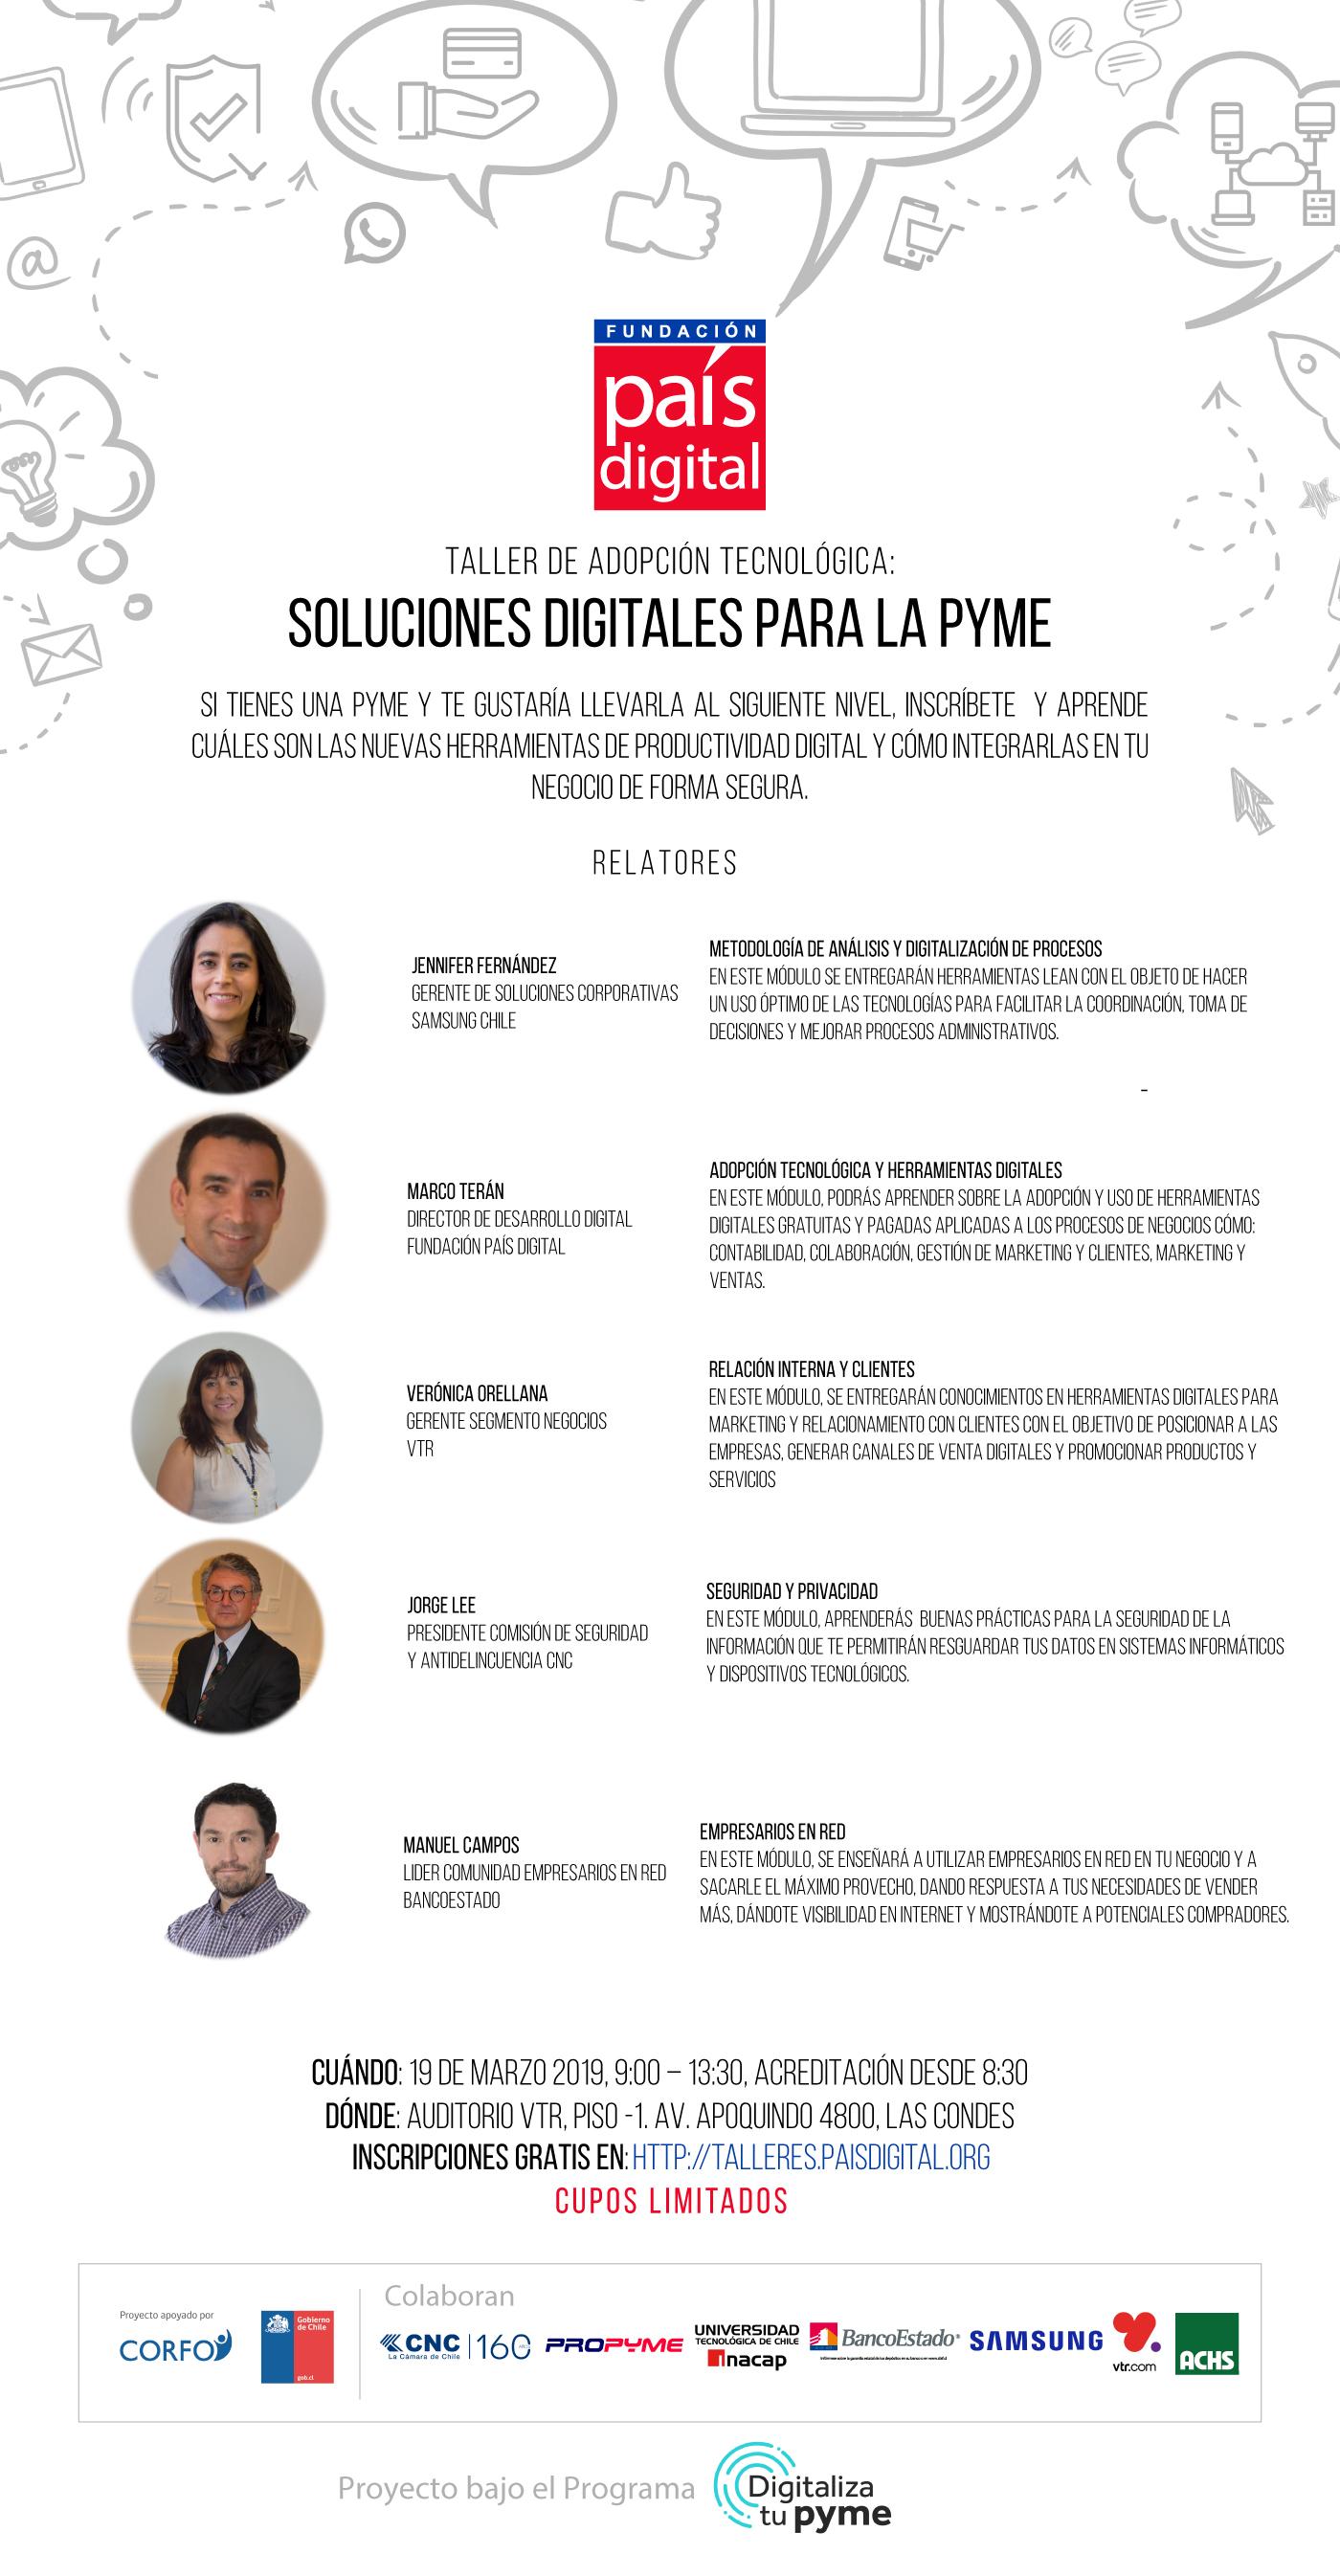 Taller de adopción tecnológica: Soluciones digitales para pymes – Antofagasta